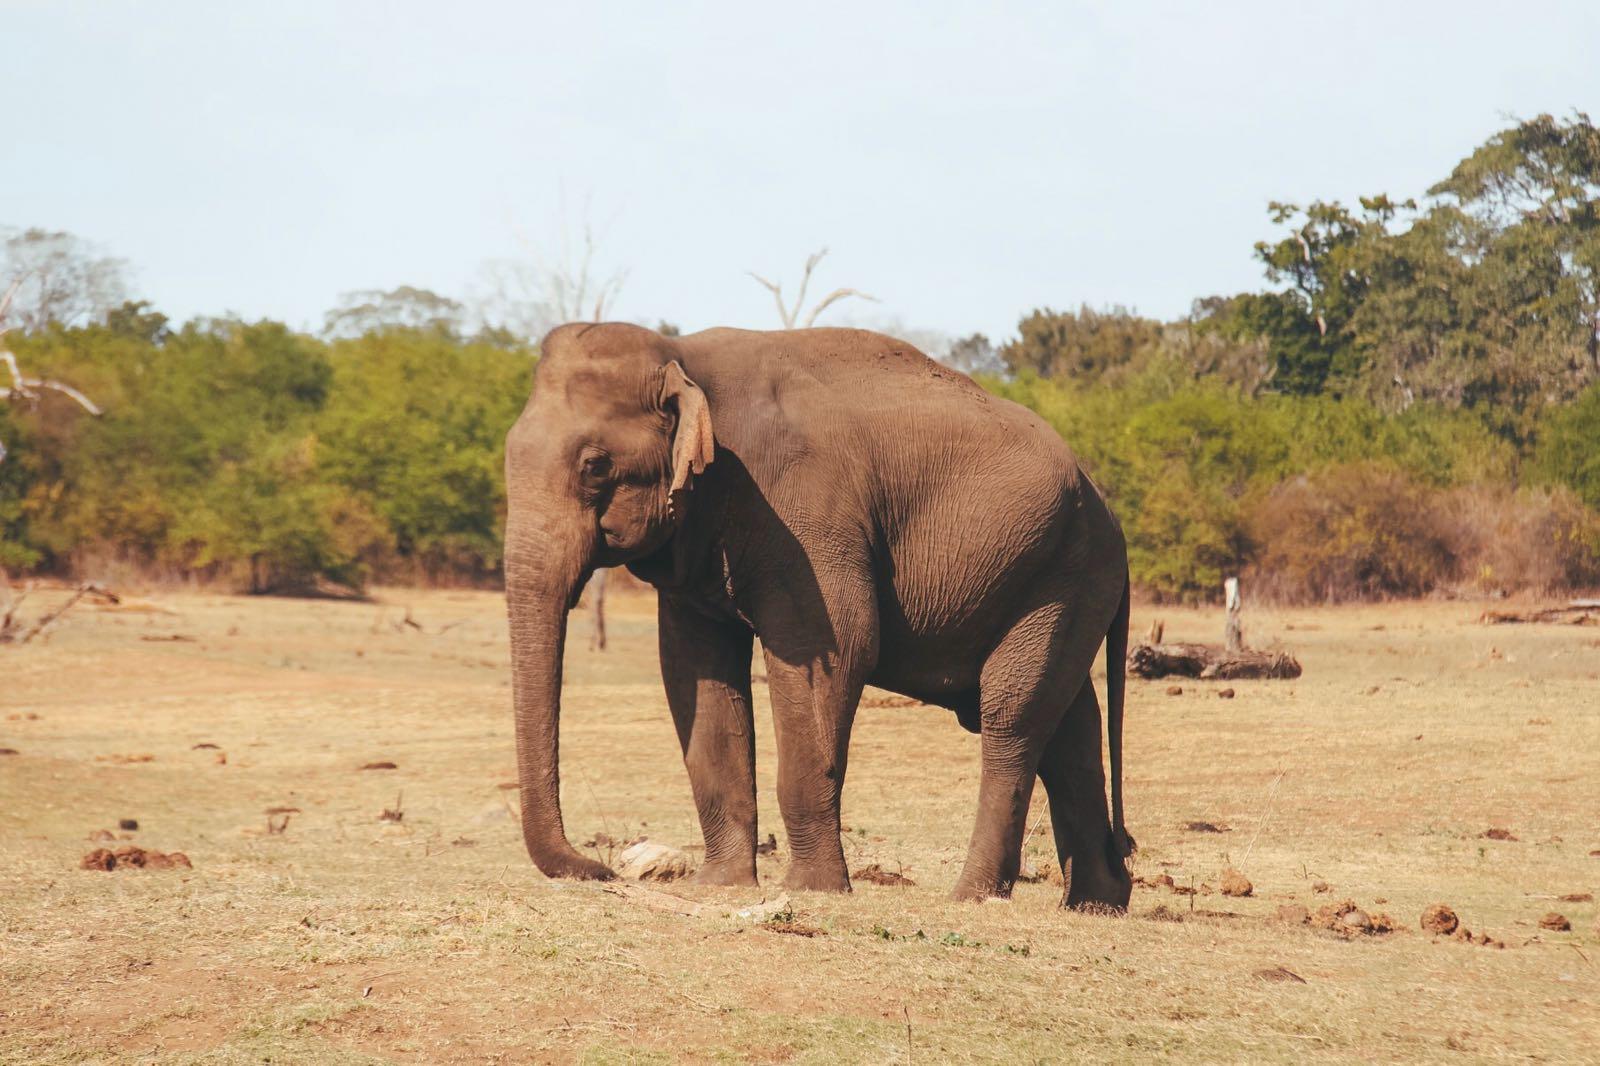 Olifant in Udawalawe National Park - Sri Lanka